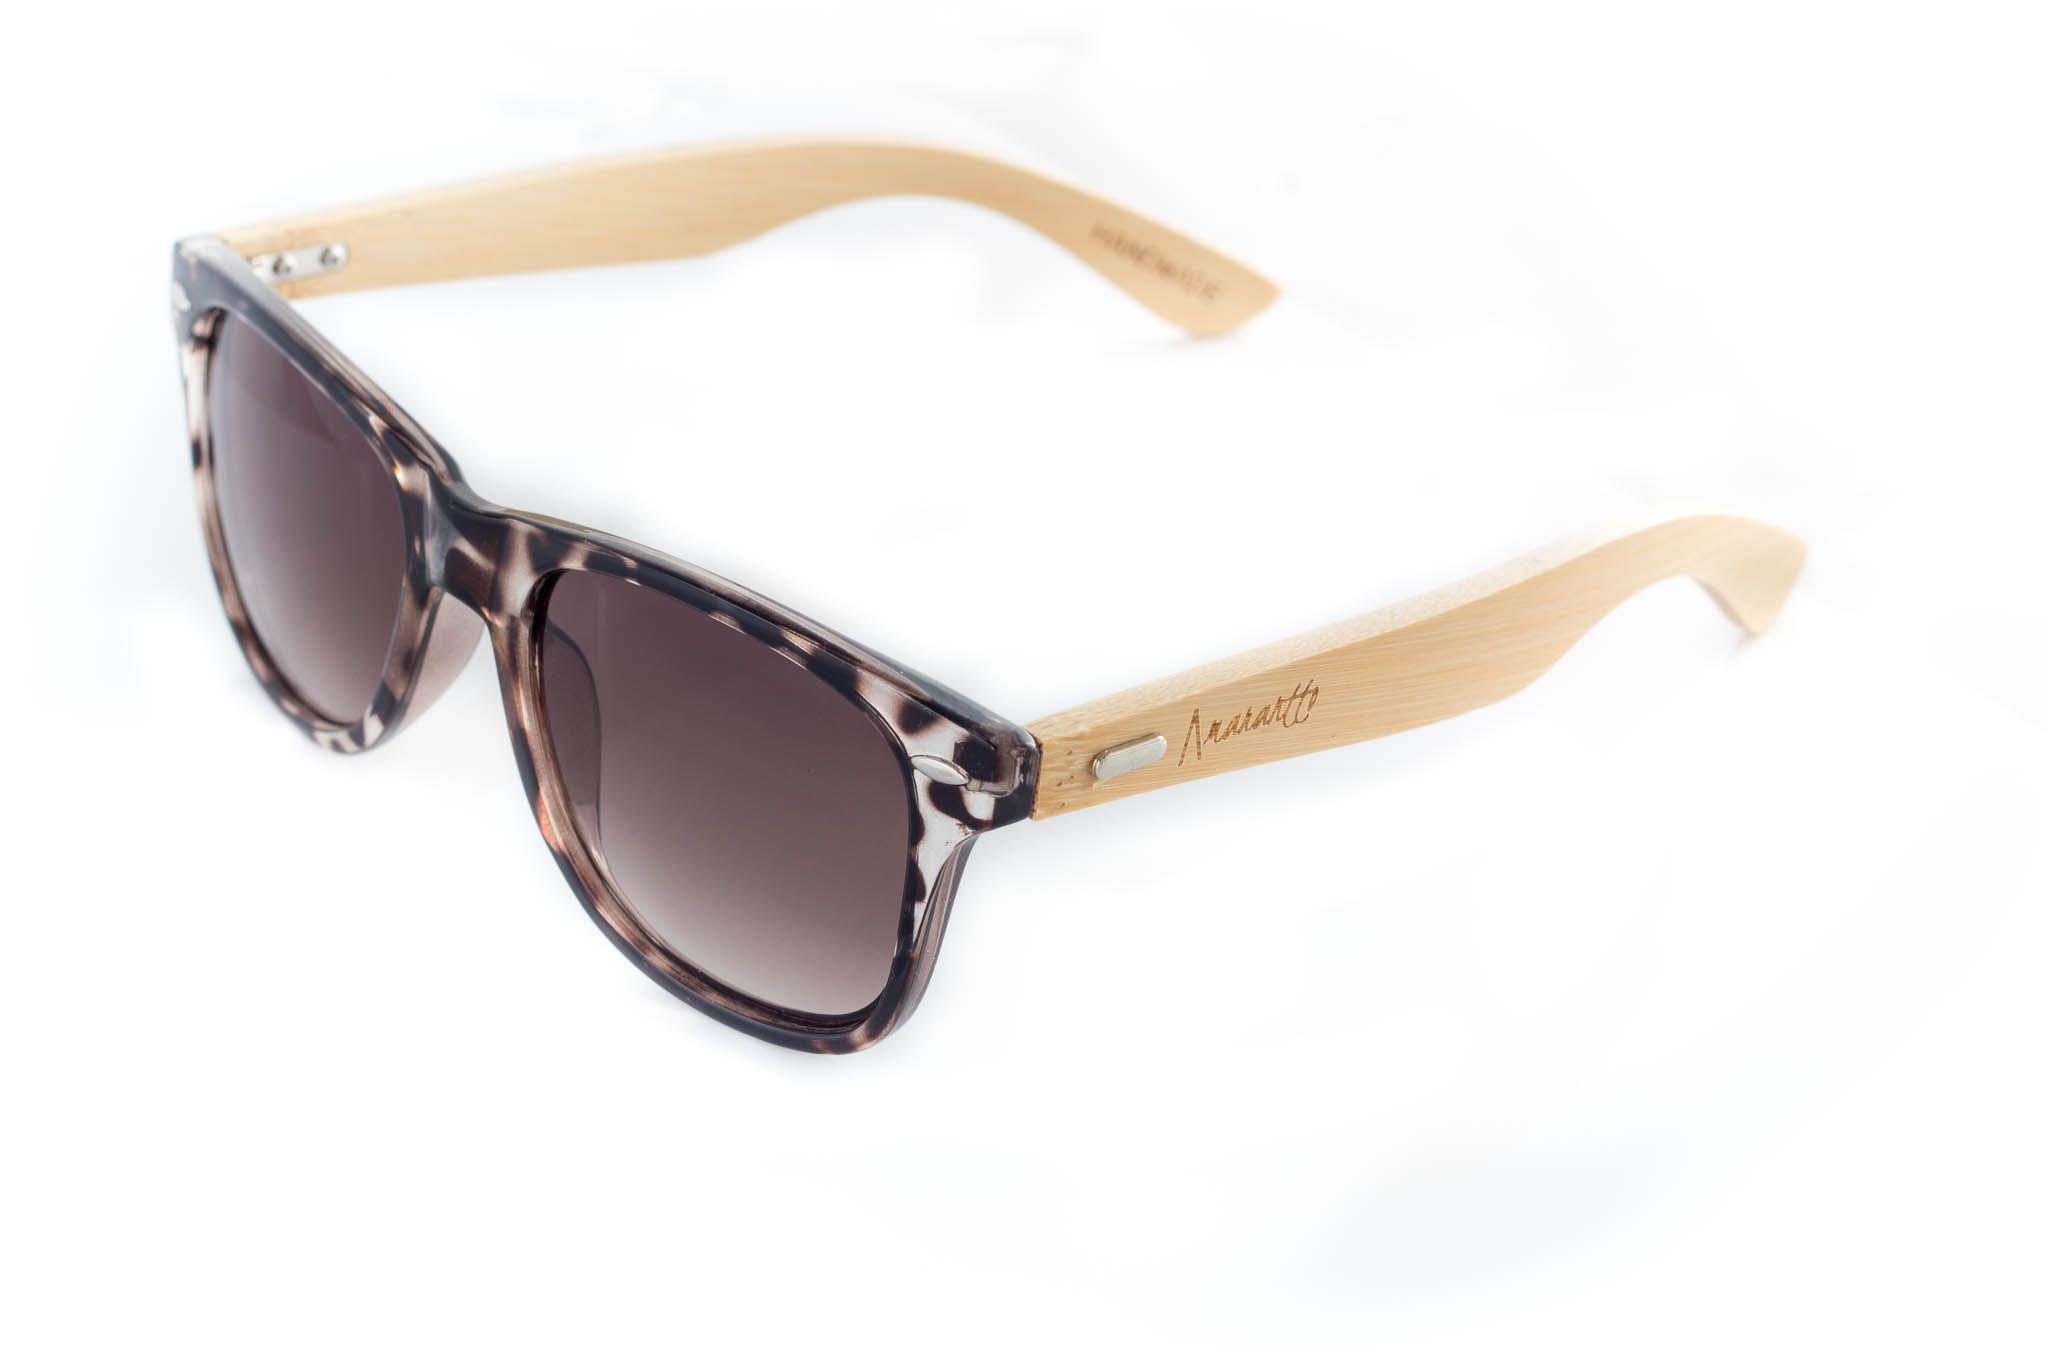 Amarantto - Animal Print- Modelo Zeebra - Gafas de sol unisex, con ...